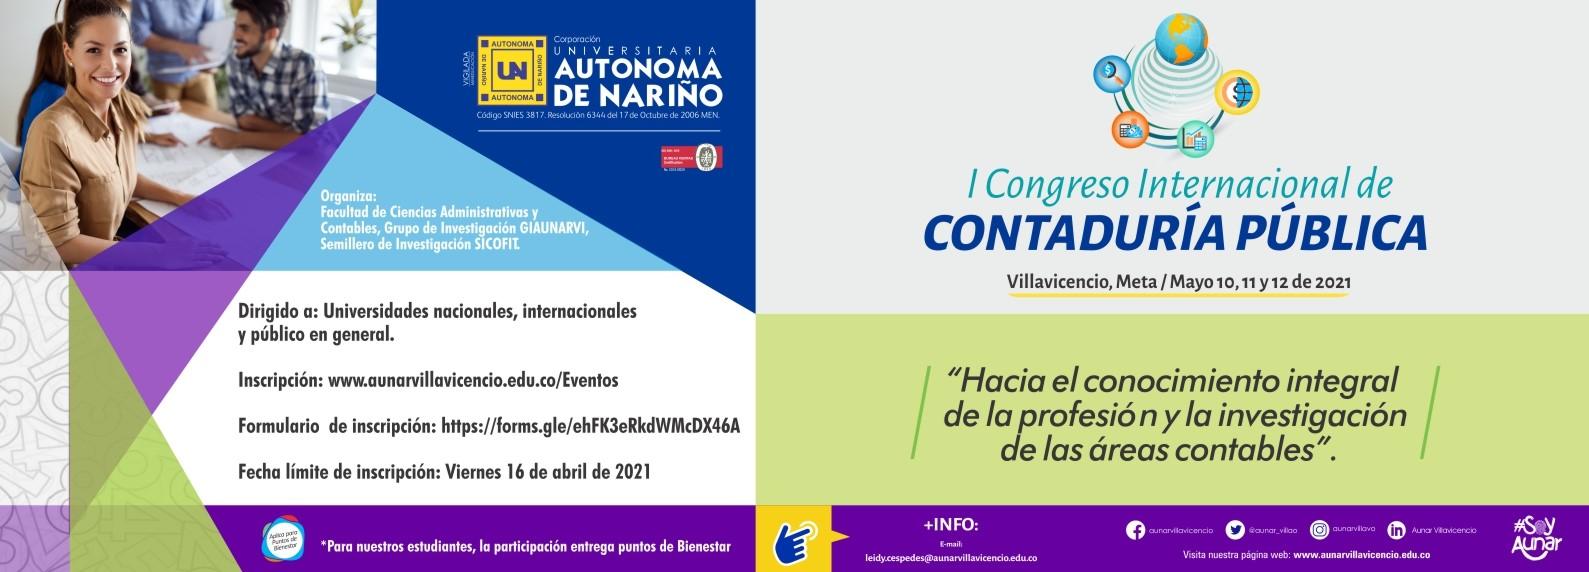 I CONGRESO INTERNACIONAL DE LA CONTADURÍA PÚBLICA